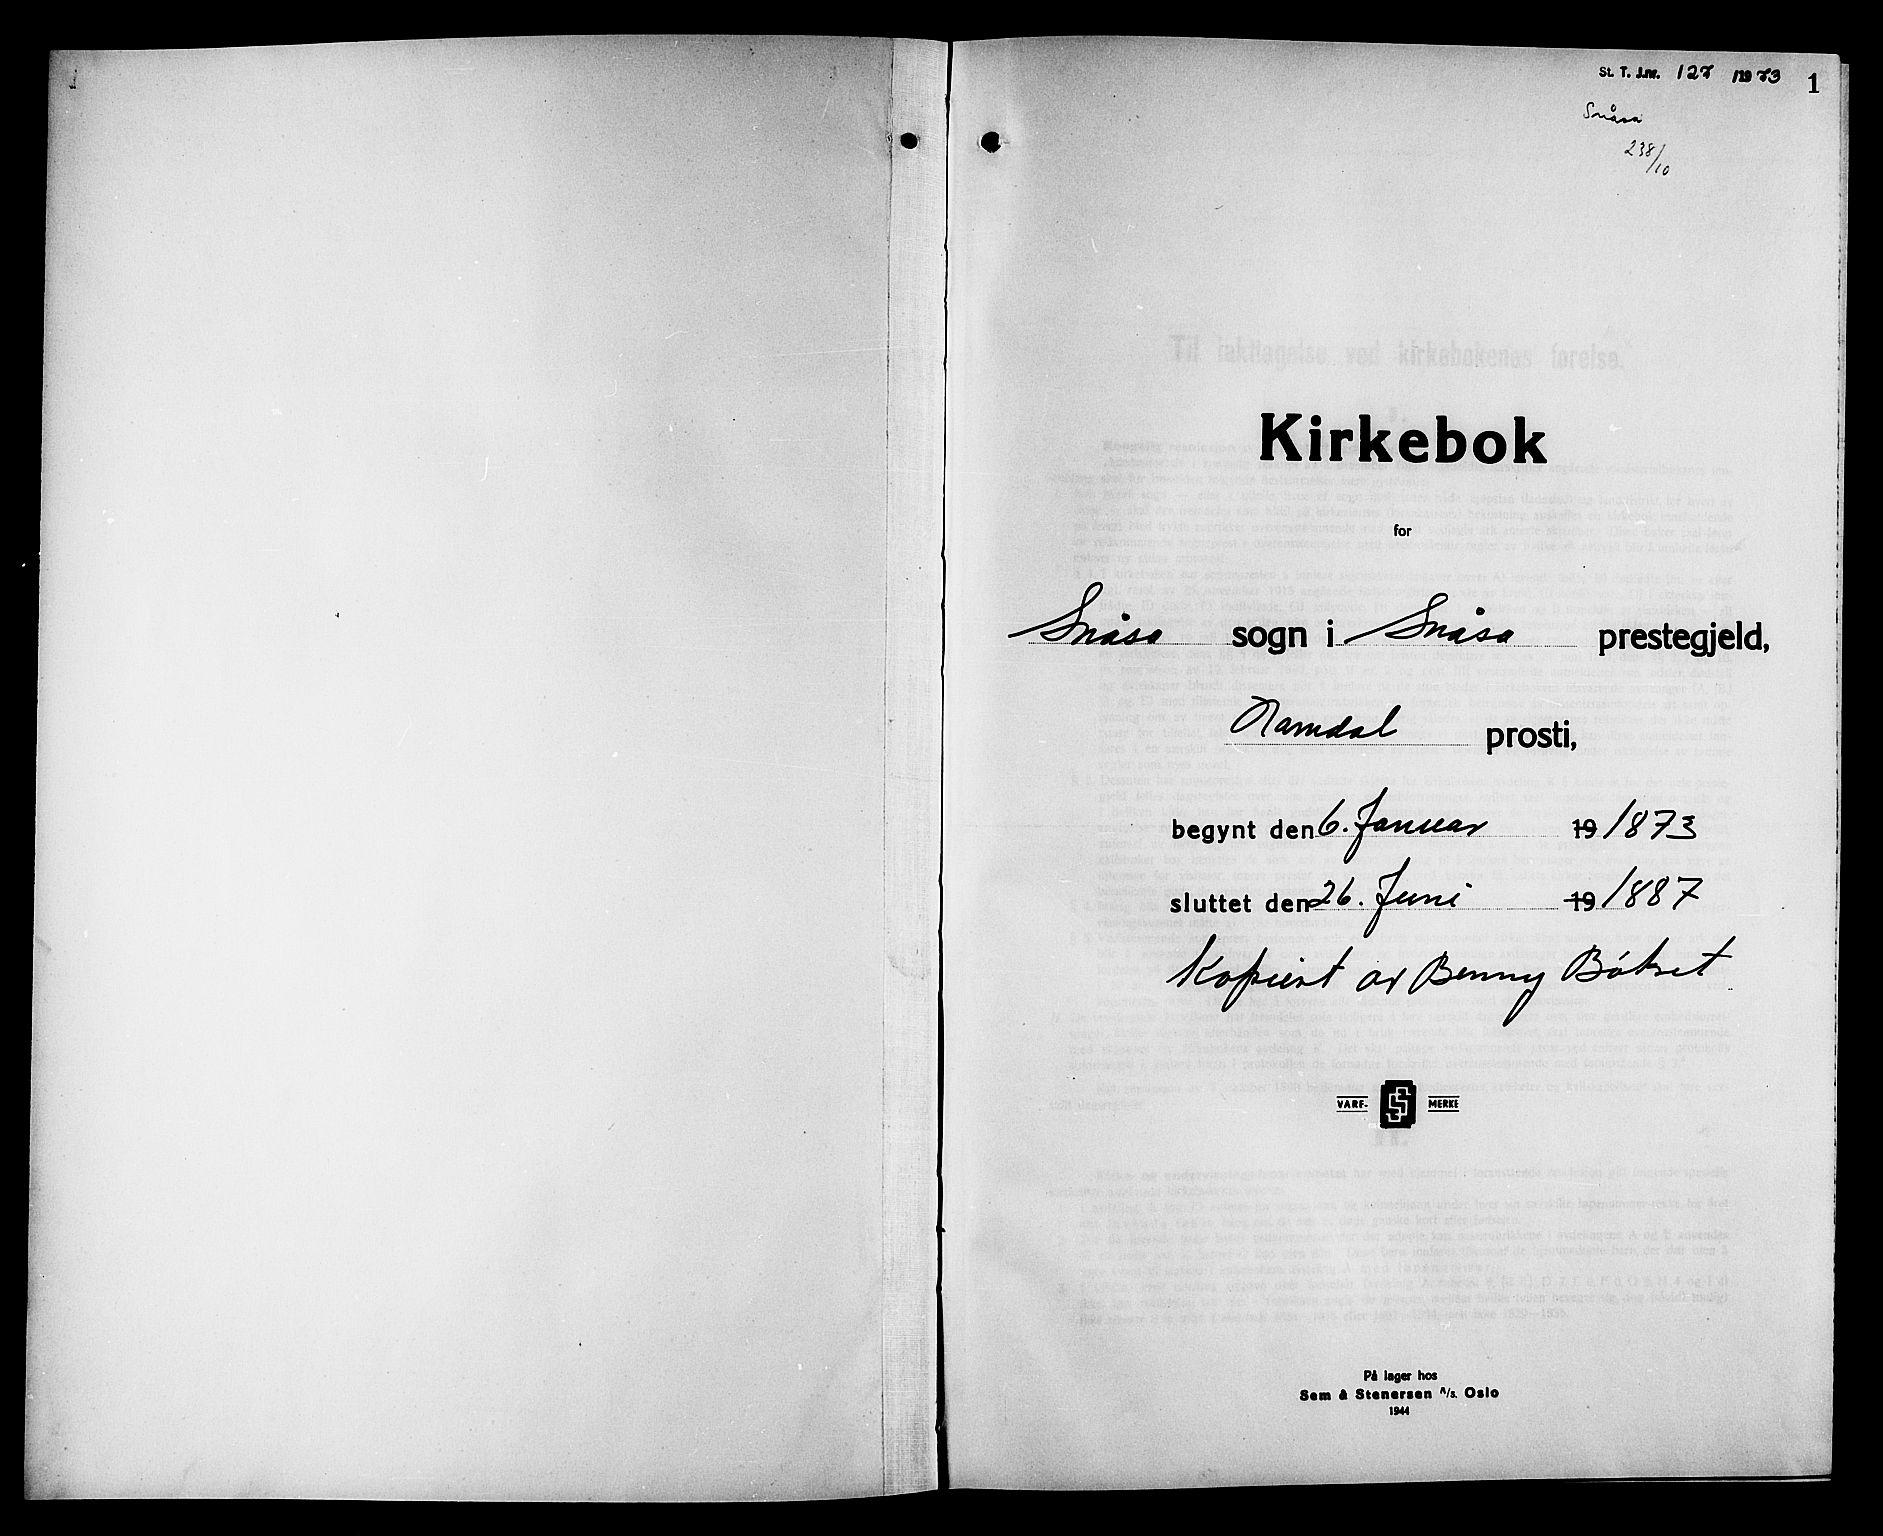 SAT, Ministerialprotokoller, klokkerbøker og fødselsregistre - Nord-Trøndelag, 749/L0486: Ministerialbok nr. 749D02, 1873-1887, s. 1